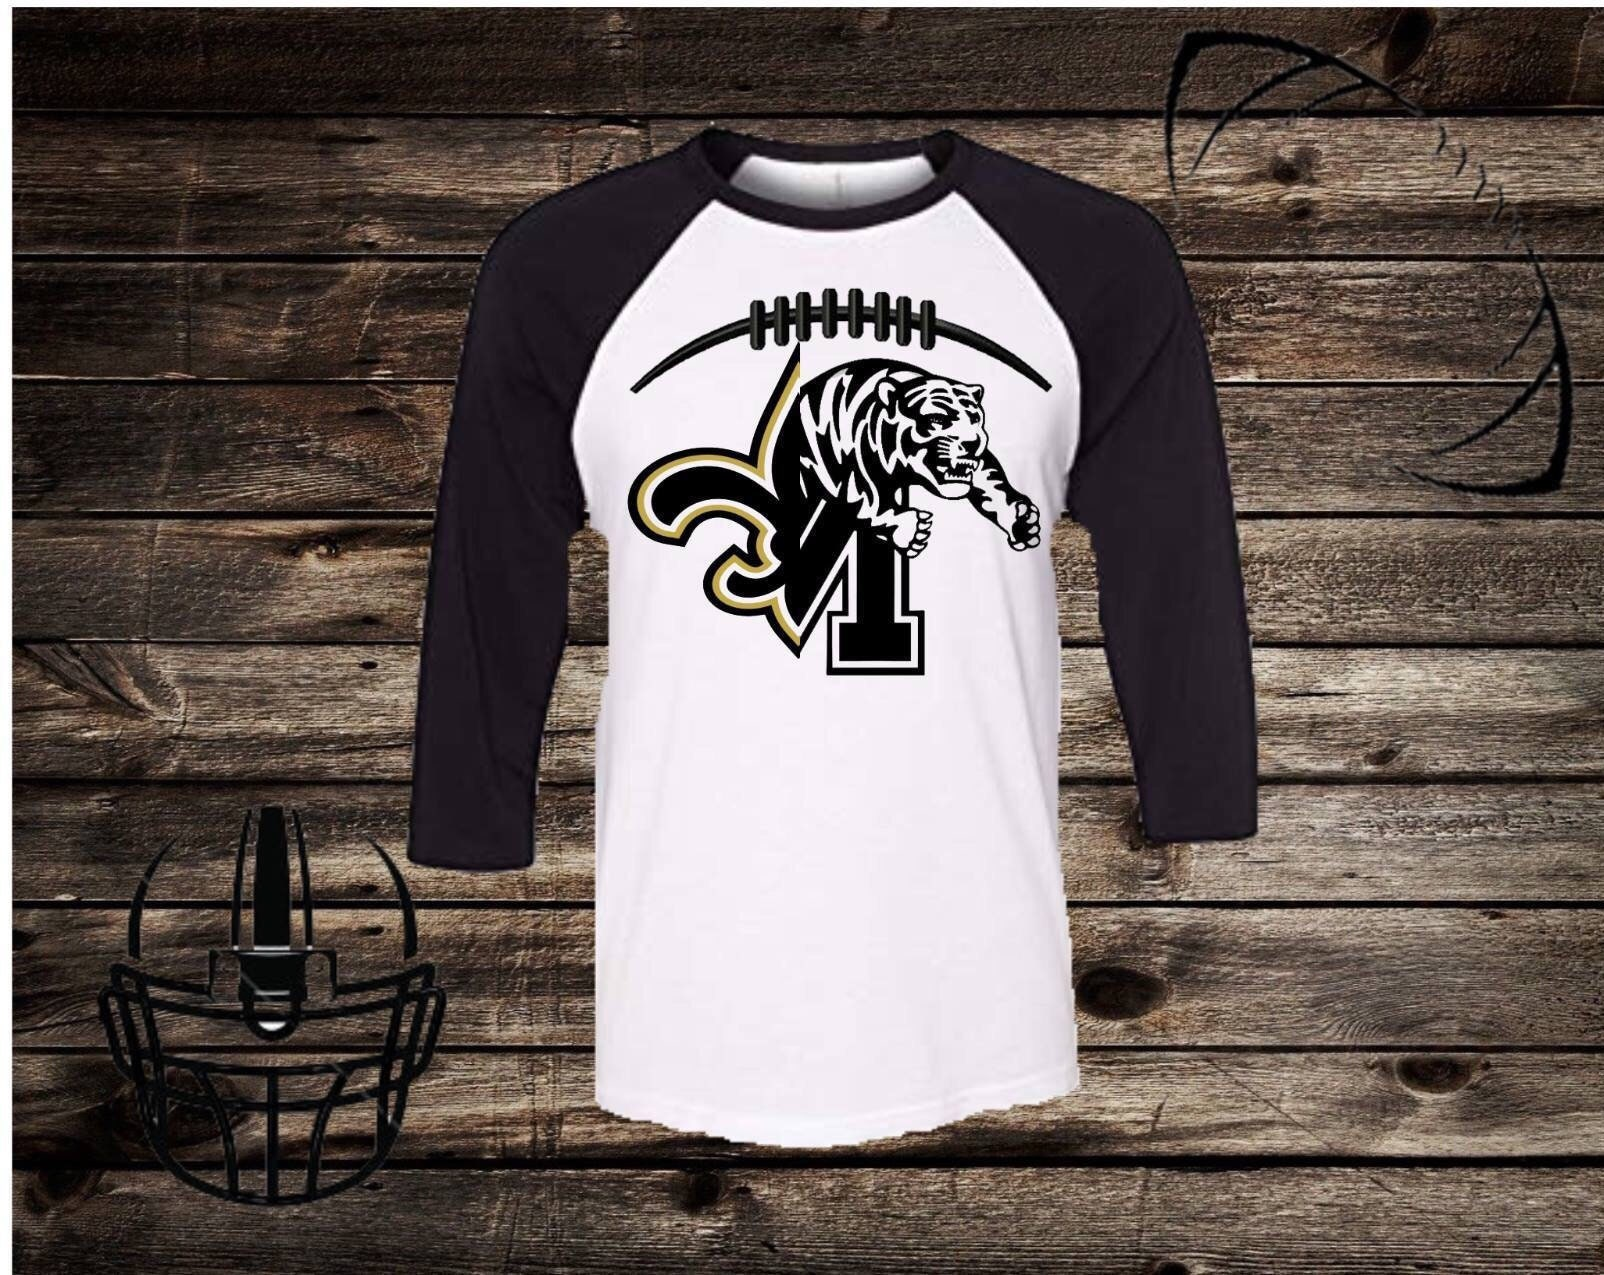 NFL Football/chemise Football Saints/Université de Memphis /College NFL équipe/personnalisé avec votre favori NFL /College et équipe de collège a766eb